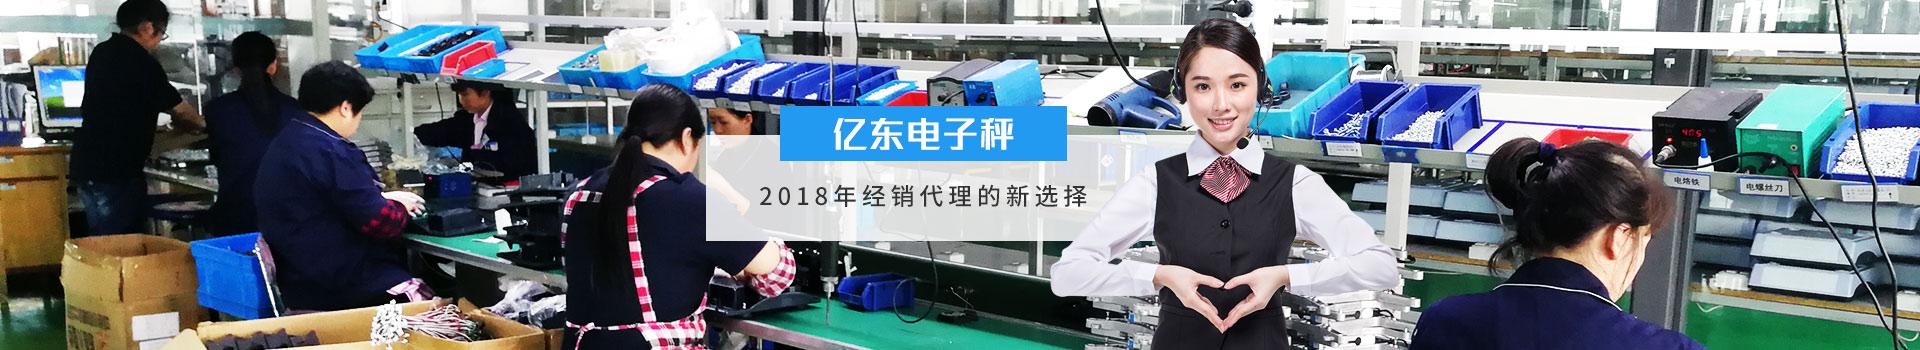 亿东电子秤2018年经销代理的新选择